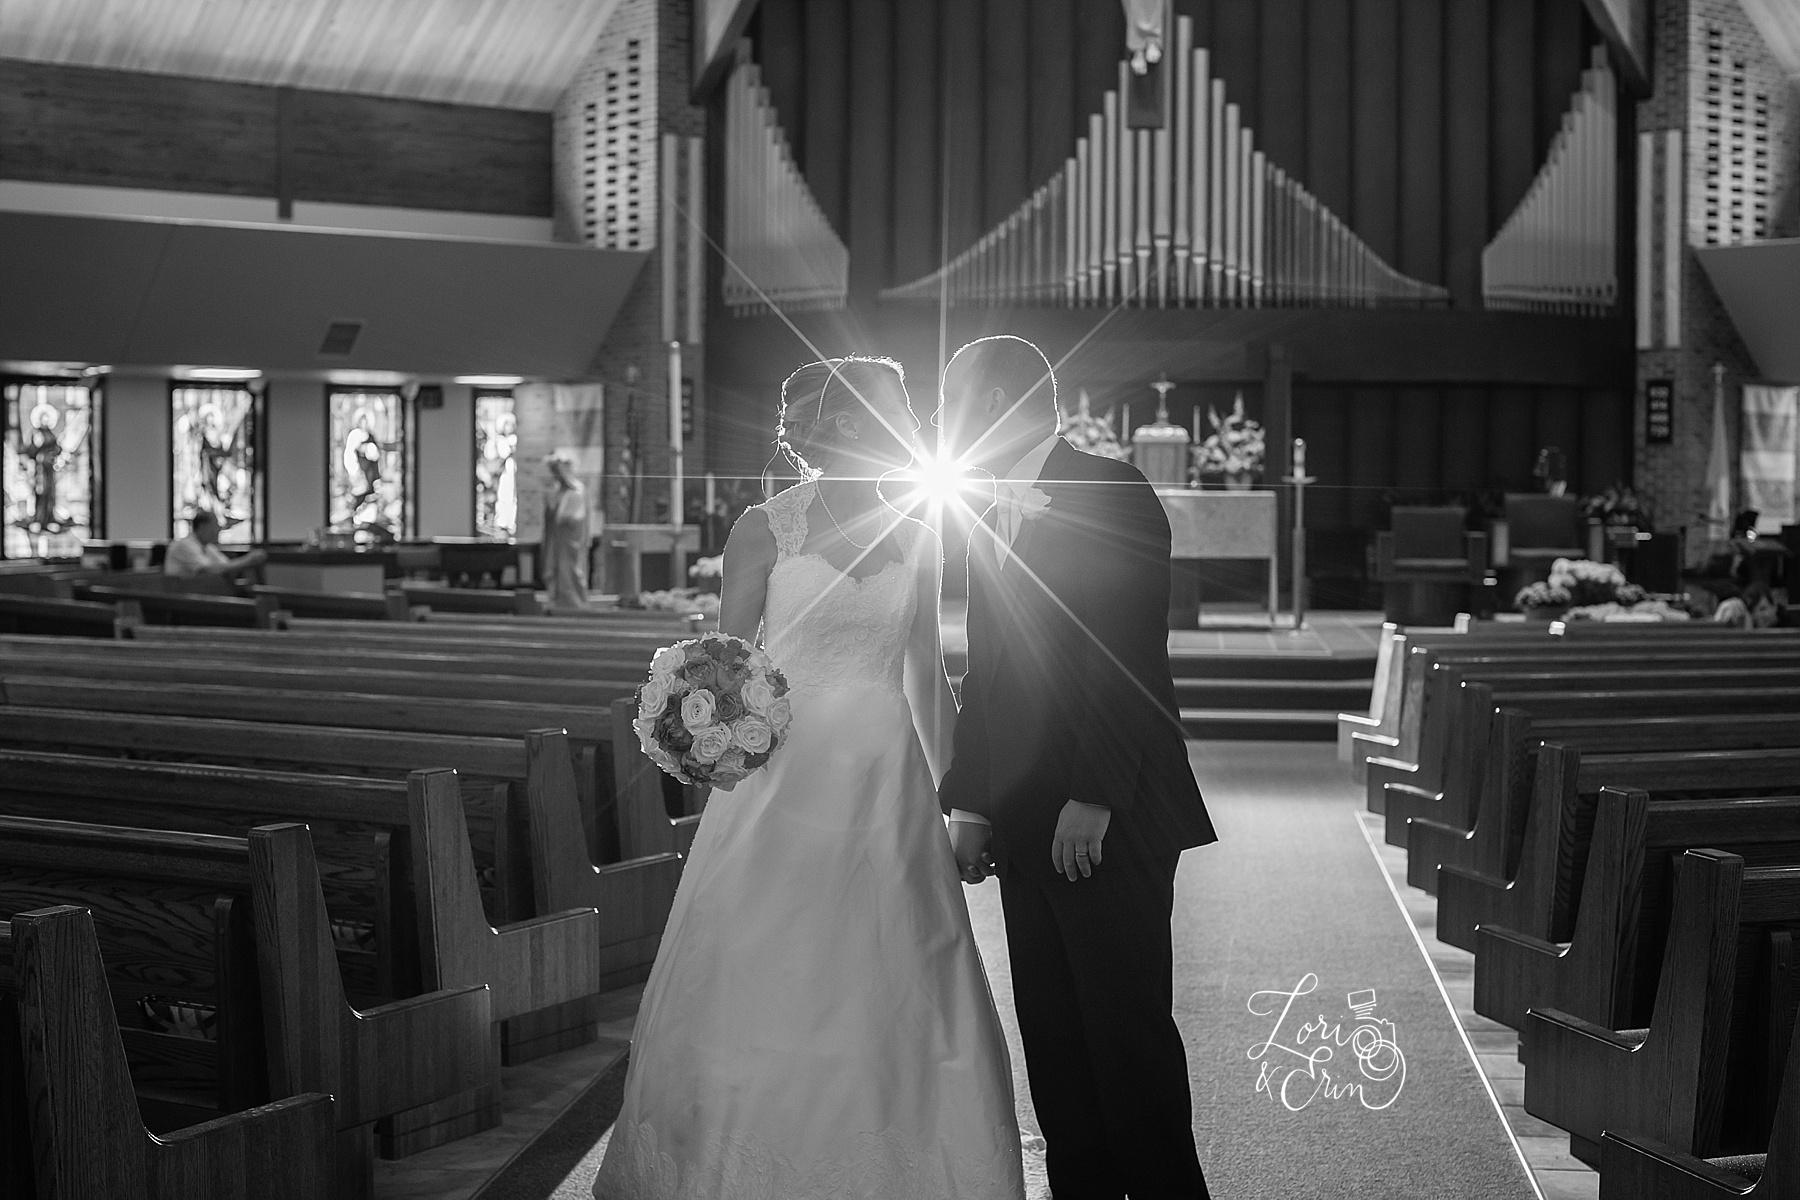 wedding ceremony, syracuse ny wedding photography